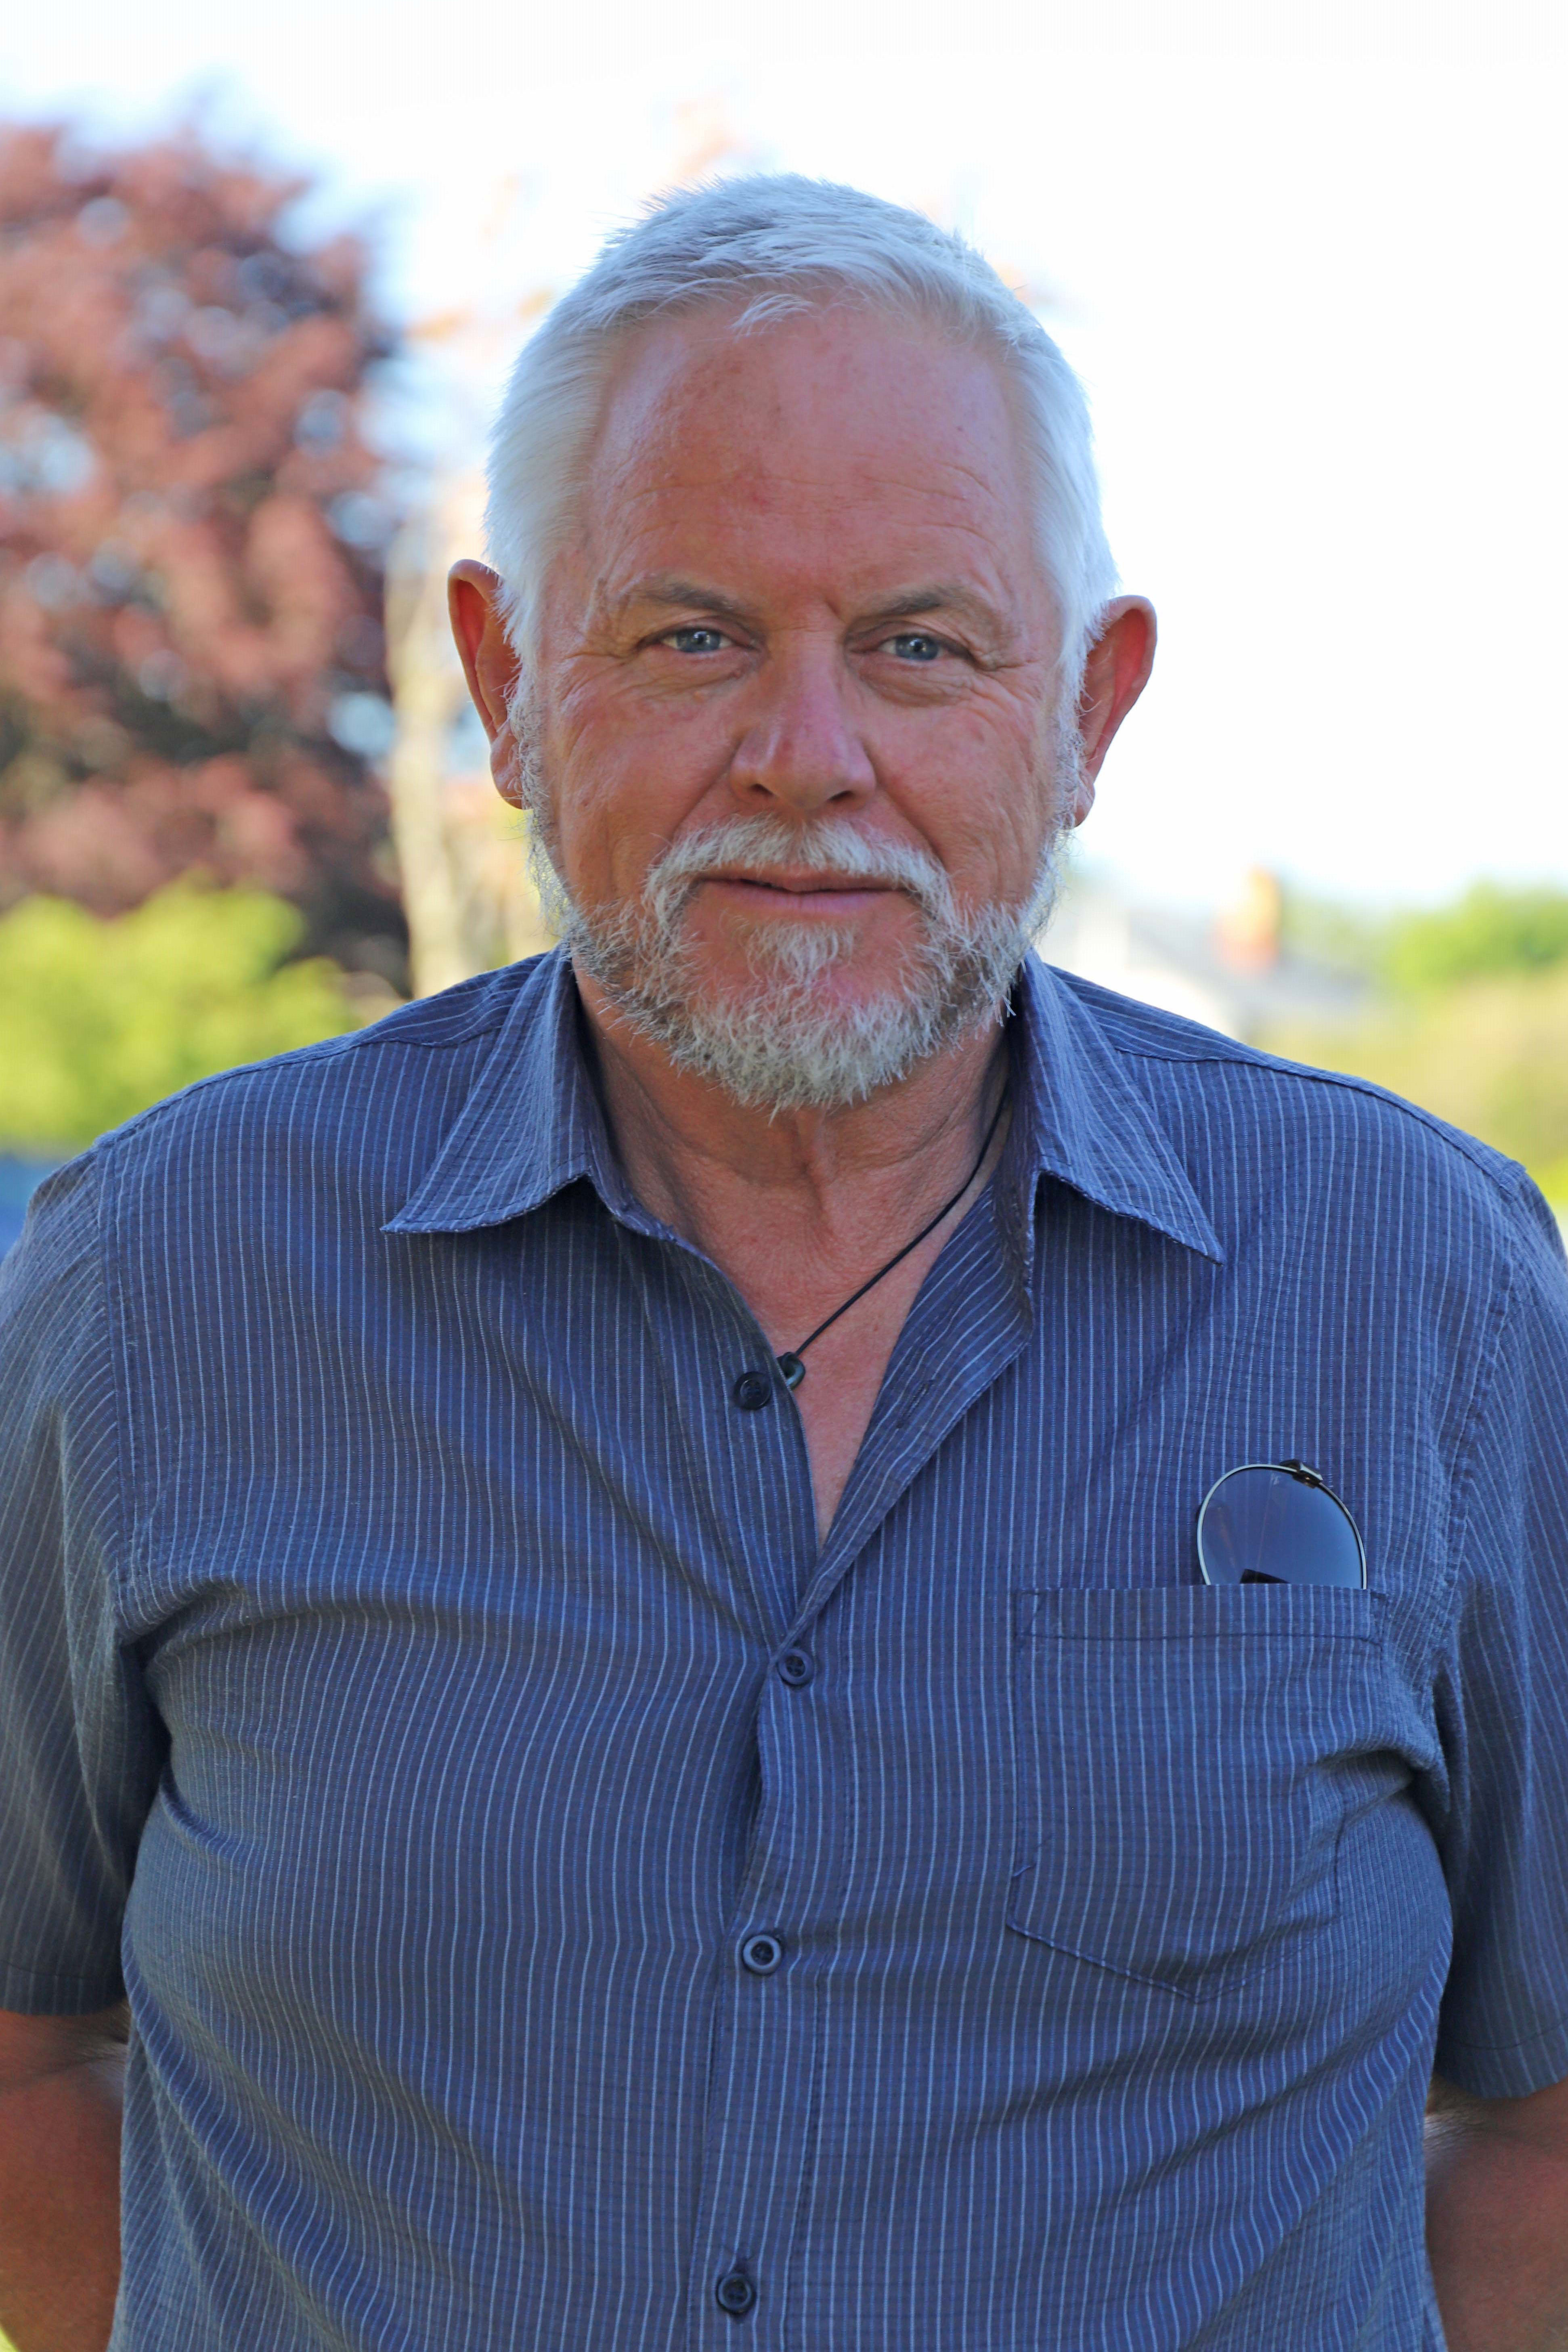 Greg Wiechern